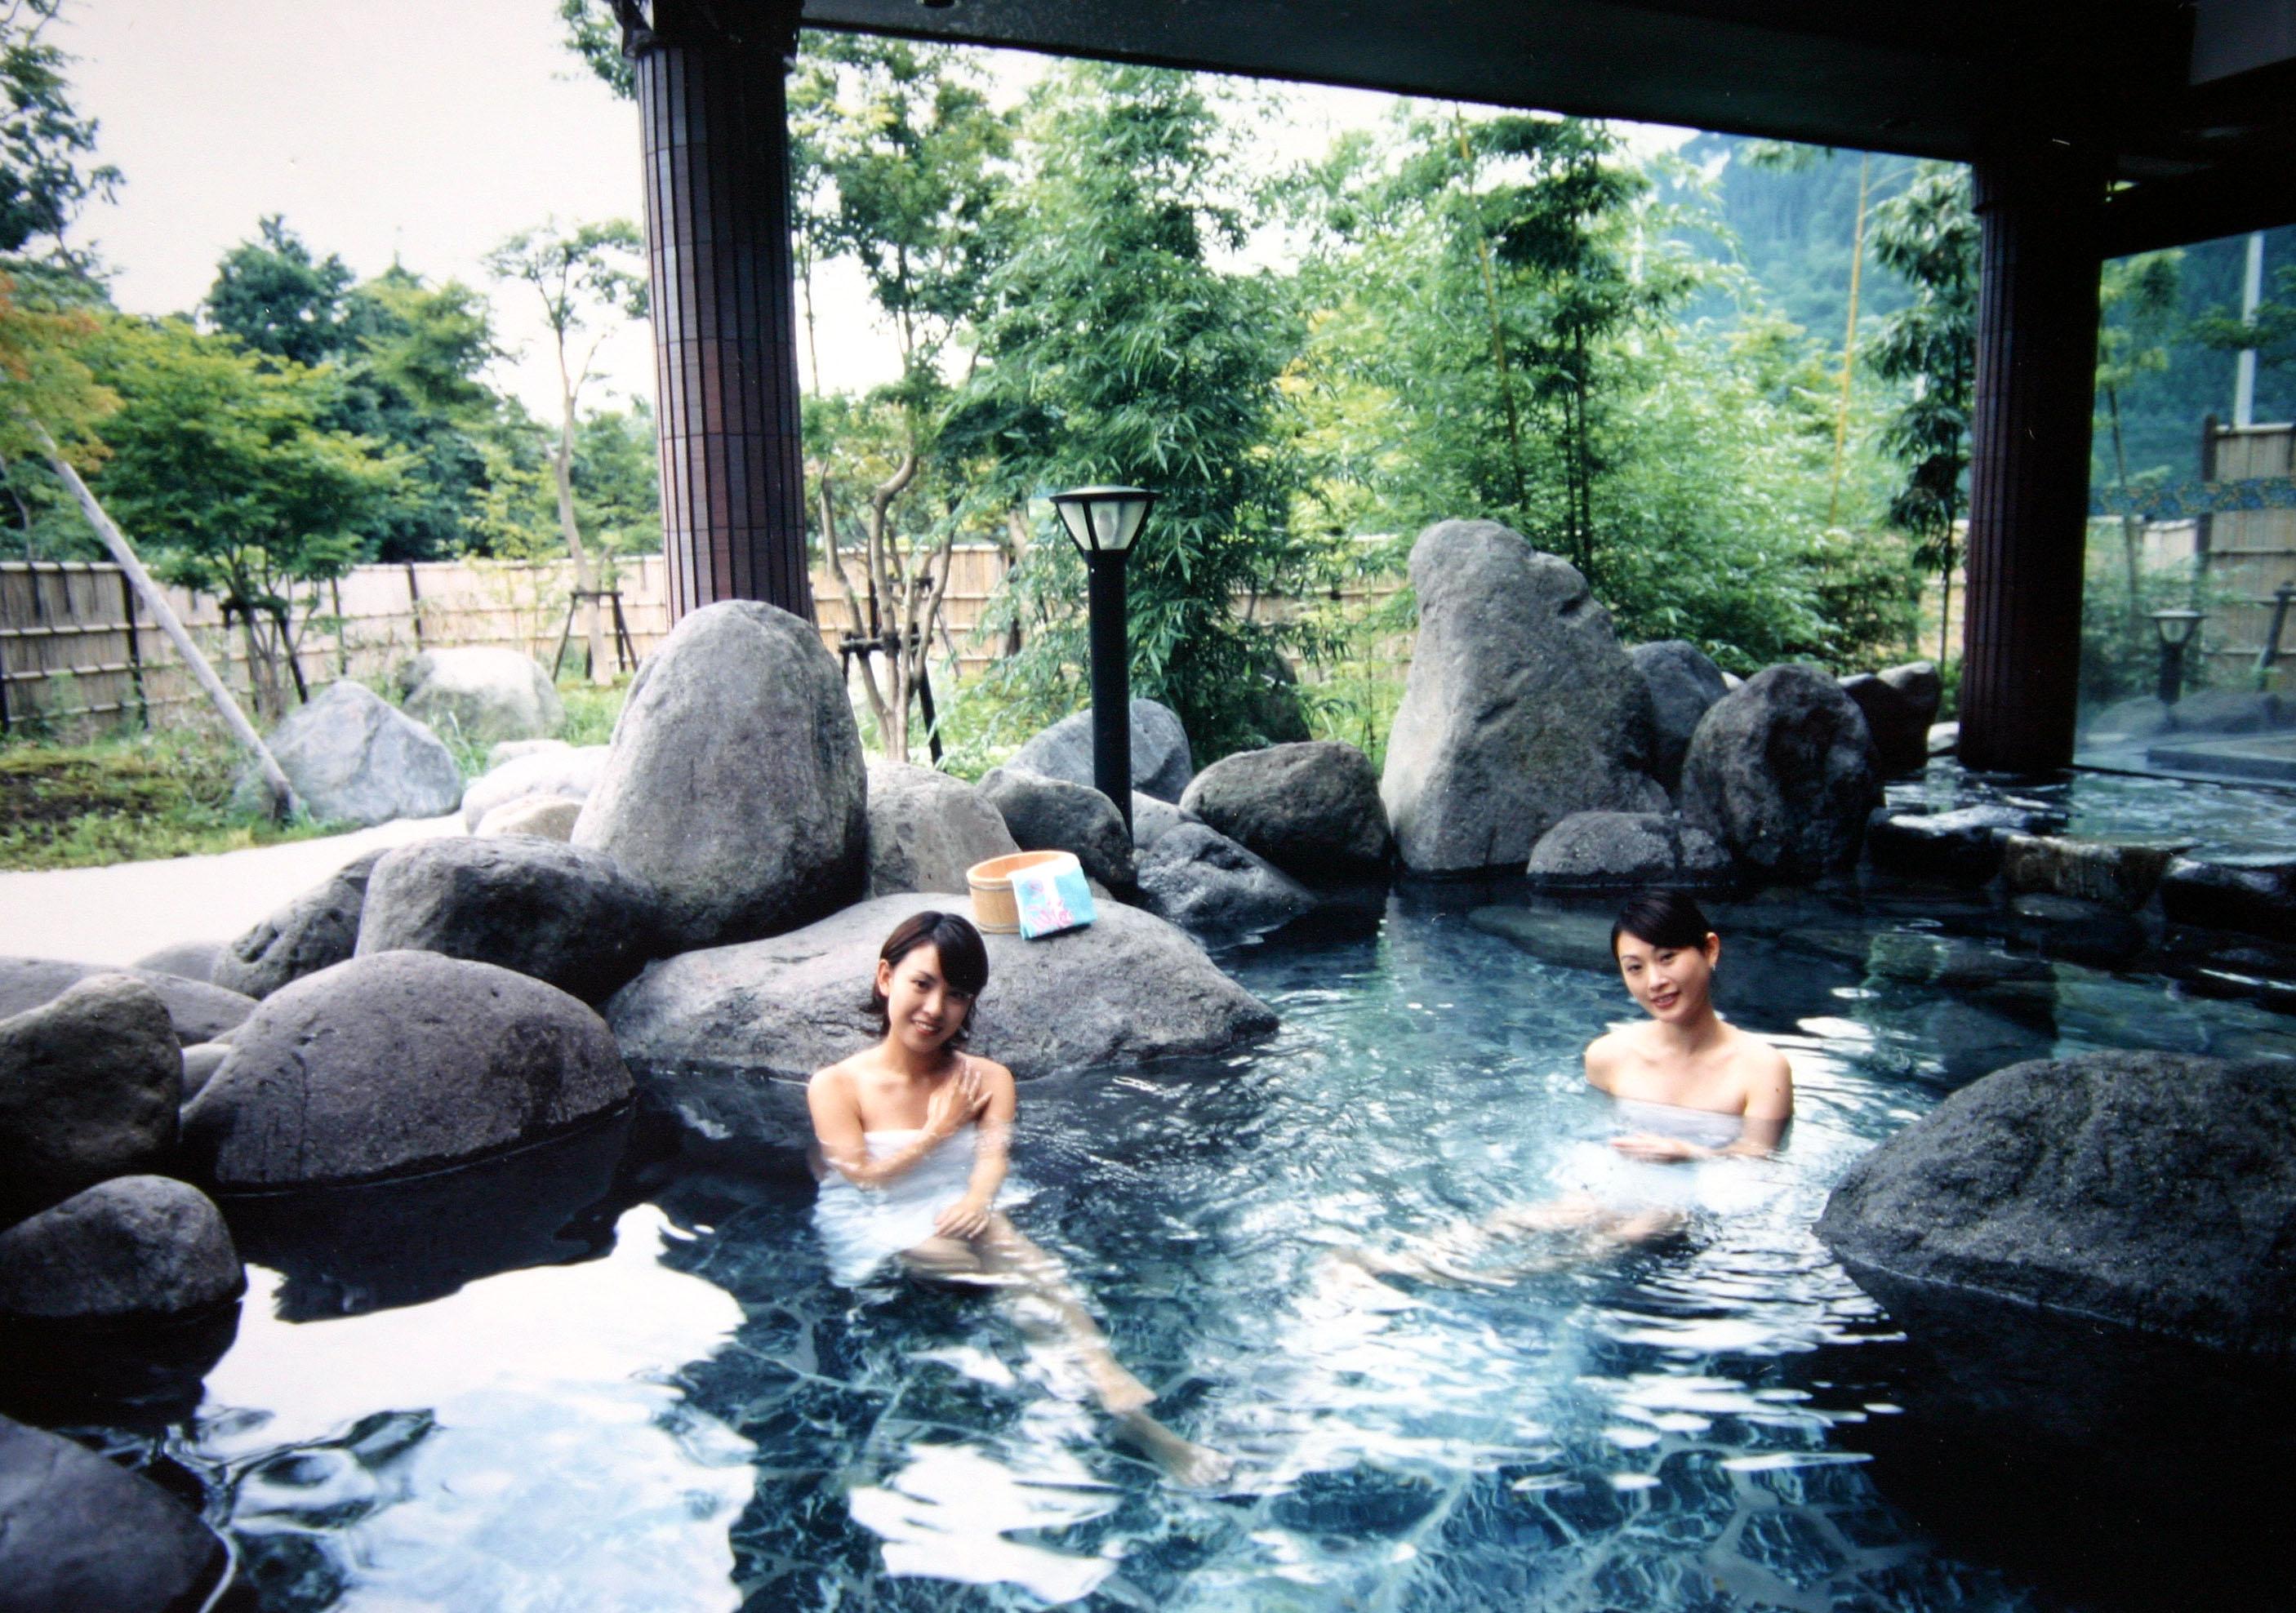 Tắm khỏa thân là điều rất bình thường tại Nhật